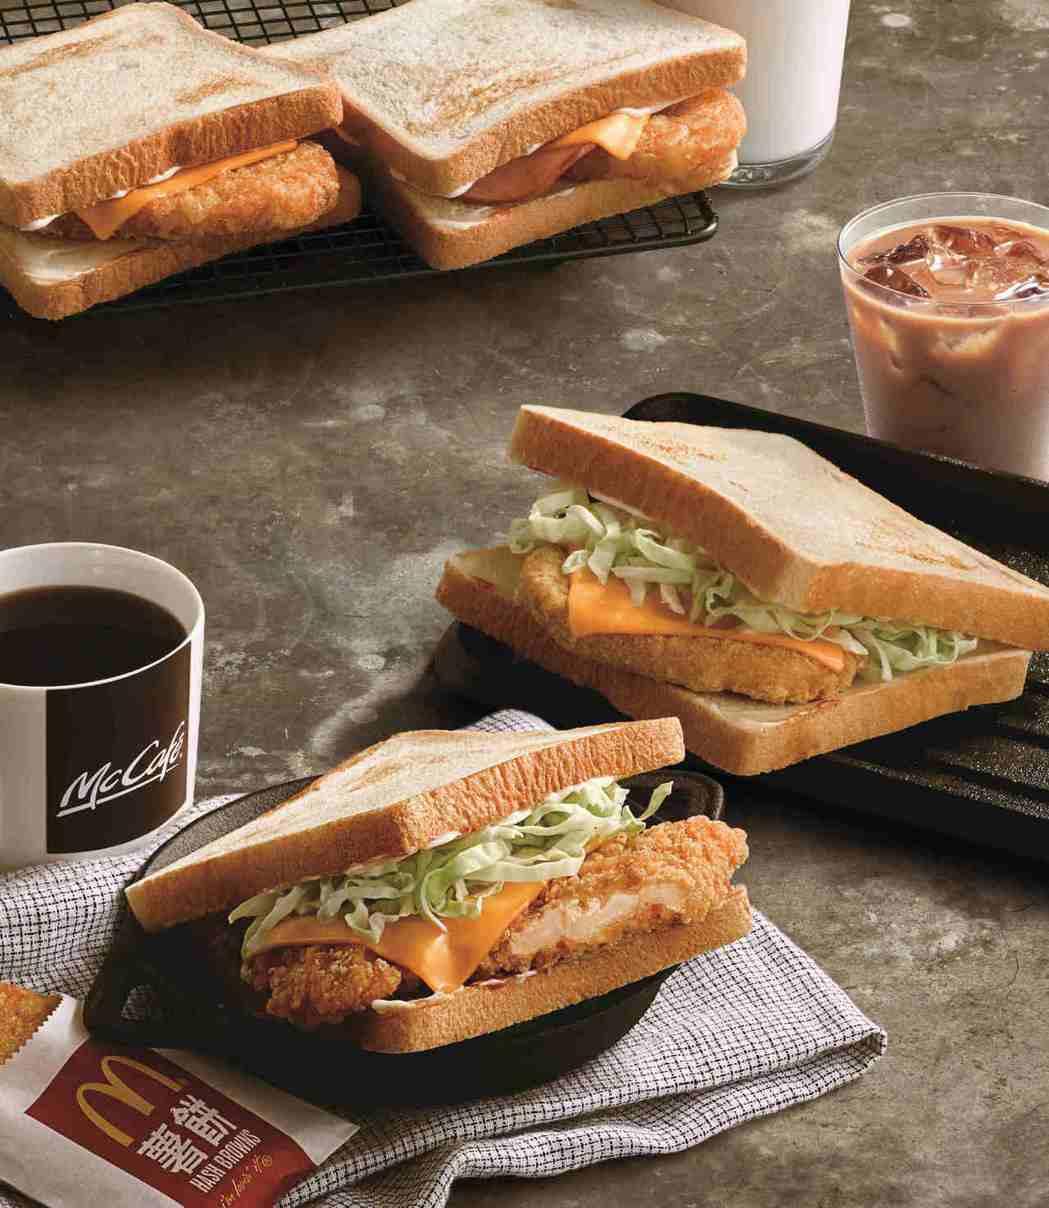 麥當勞最新「大方烤土司」系列,單點39元起。圖/台灣麥當勞提供